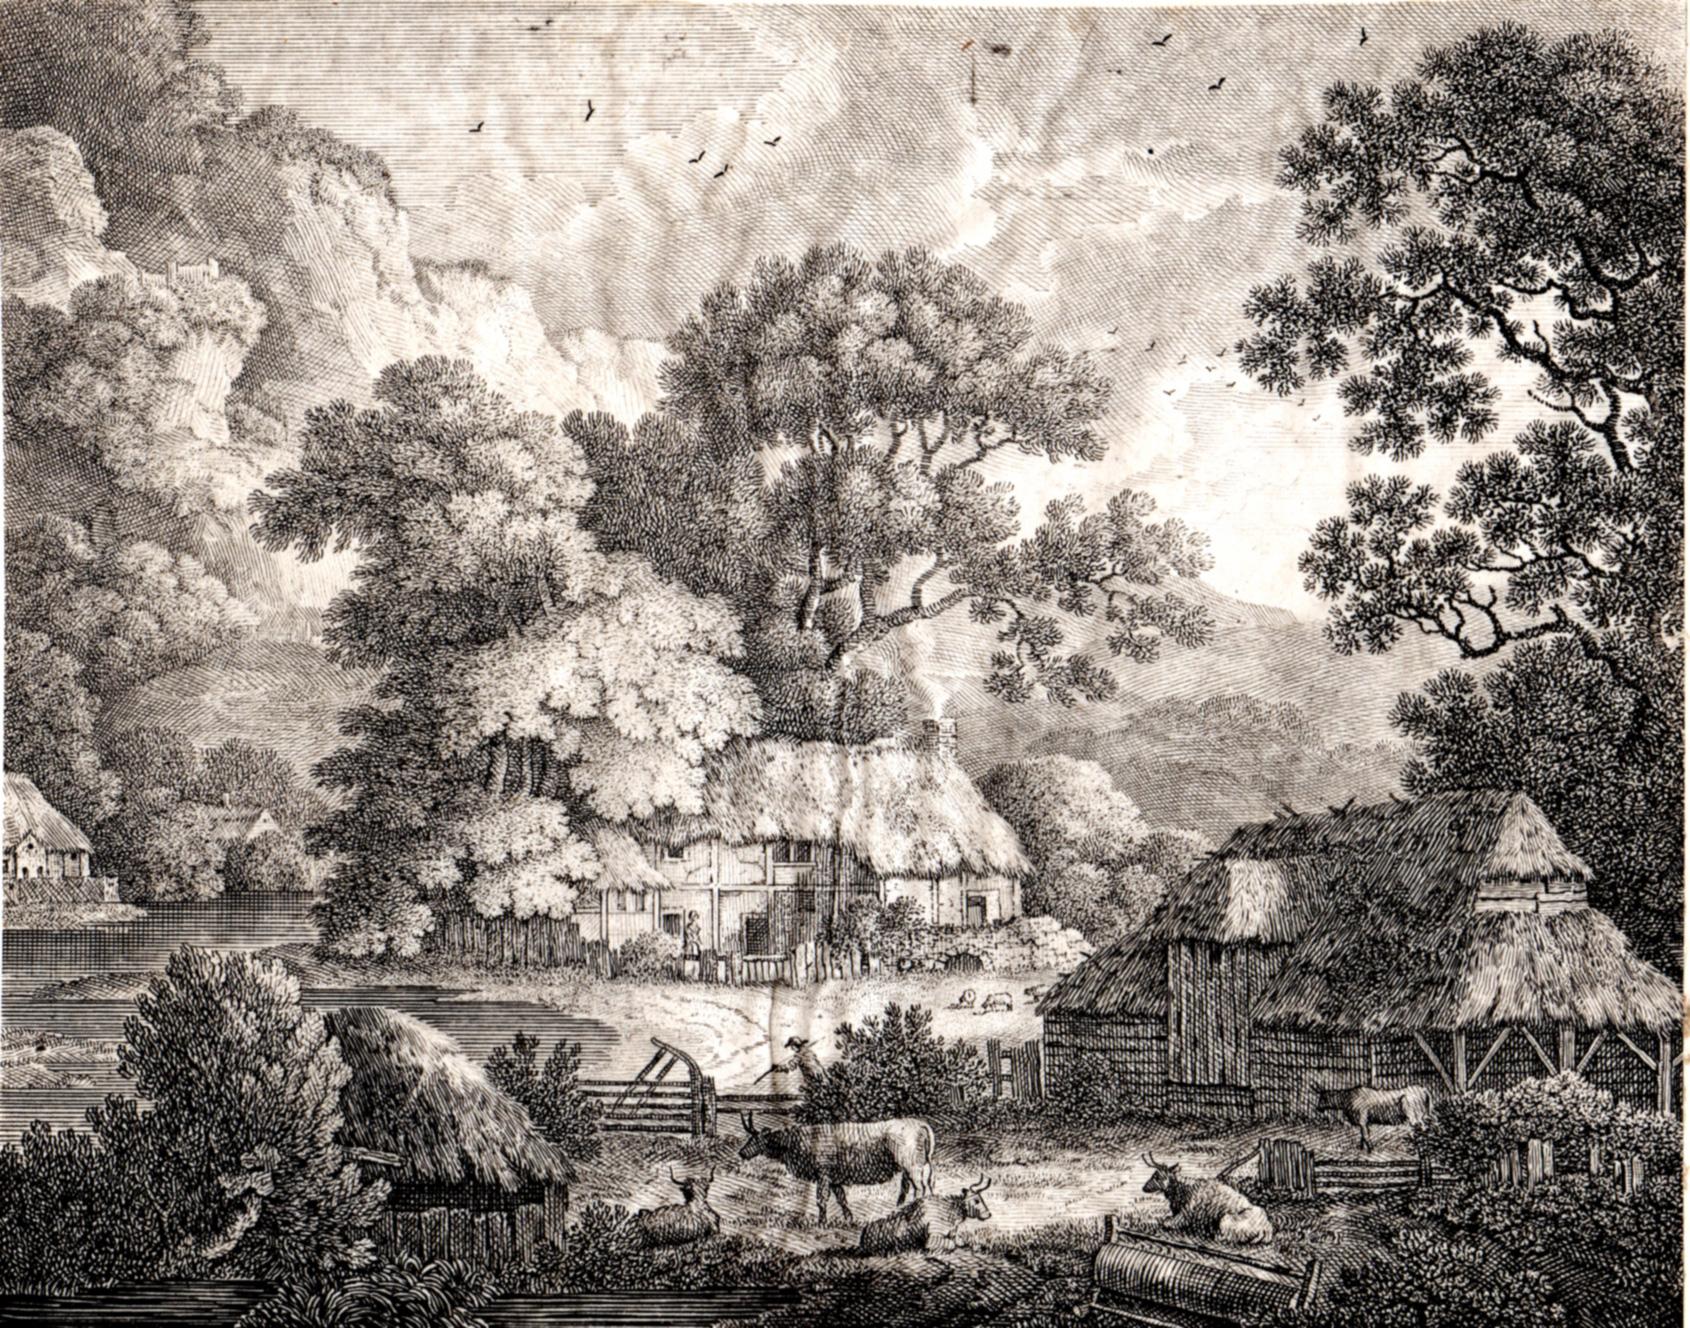 Smith, George & John / English Scenery